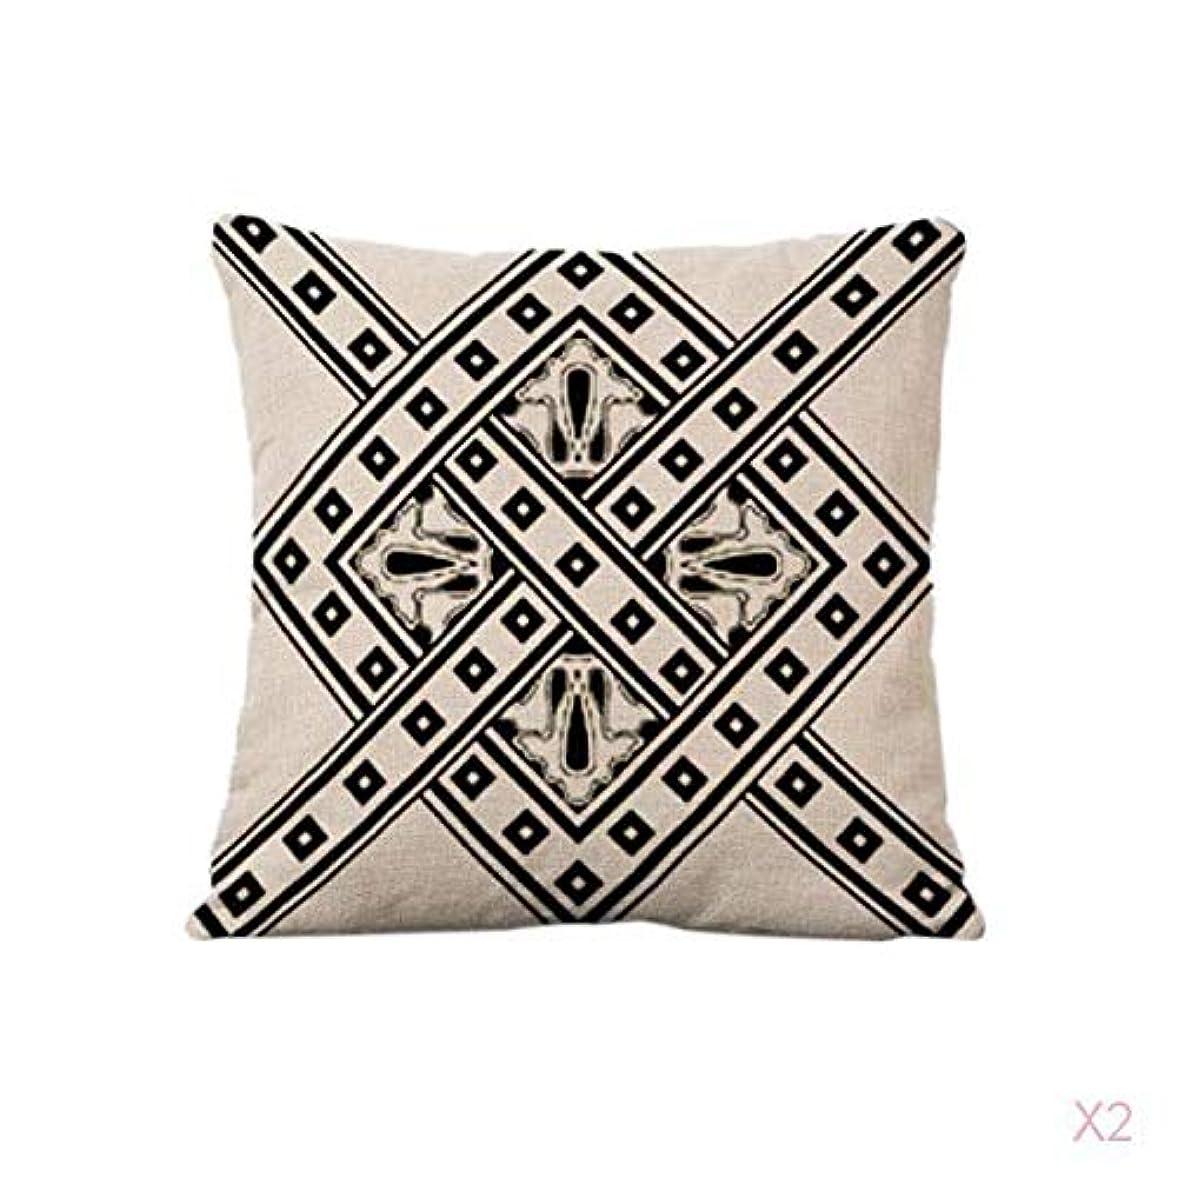 もう一度探す予感クッションカバー5色シンプルな幾何学模様のリネンソファー腰枕カバー